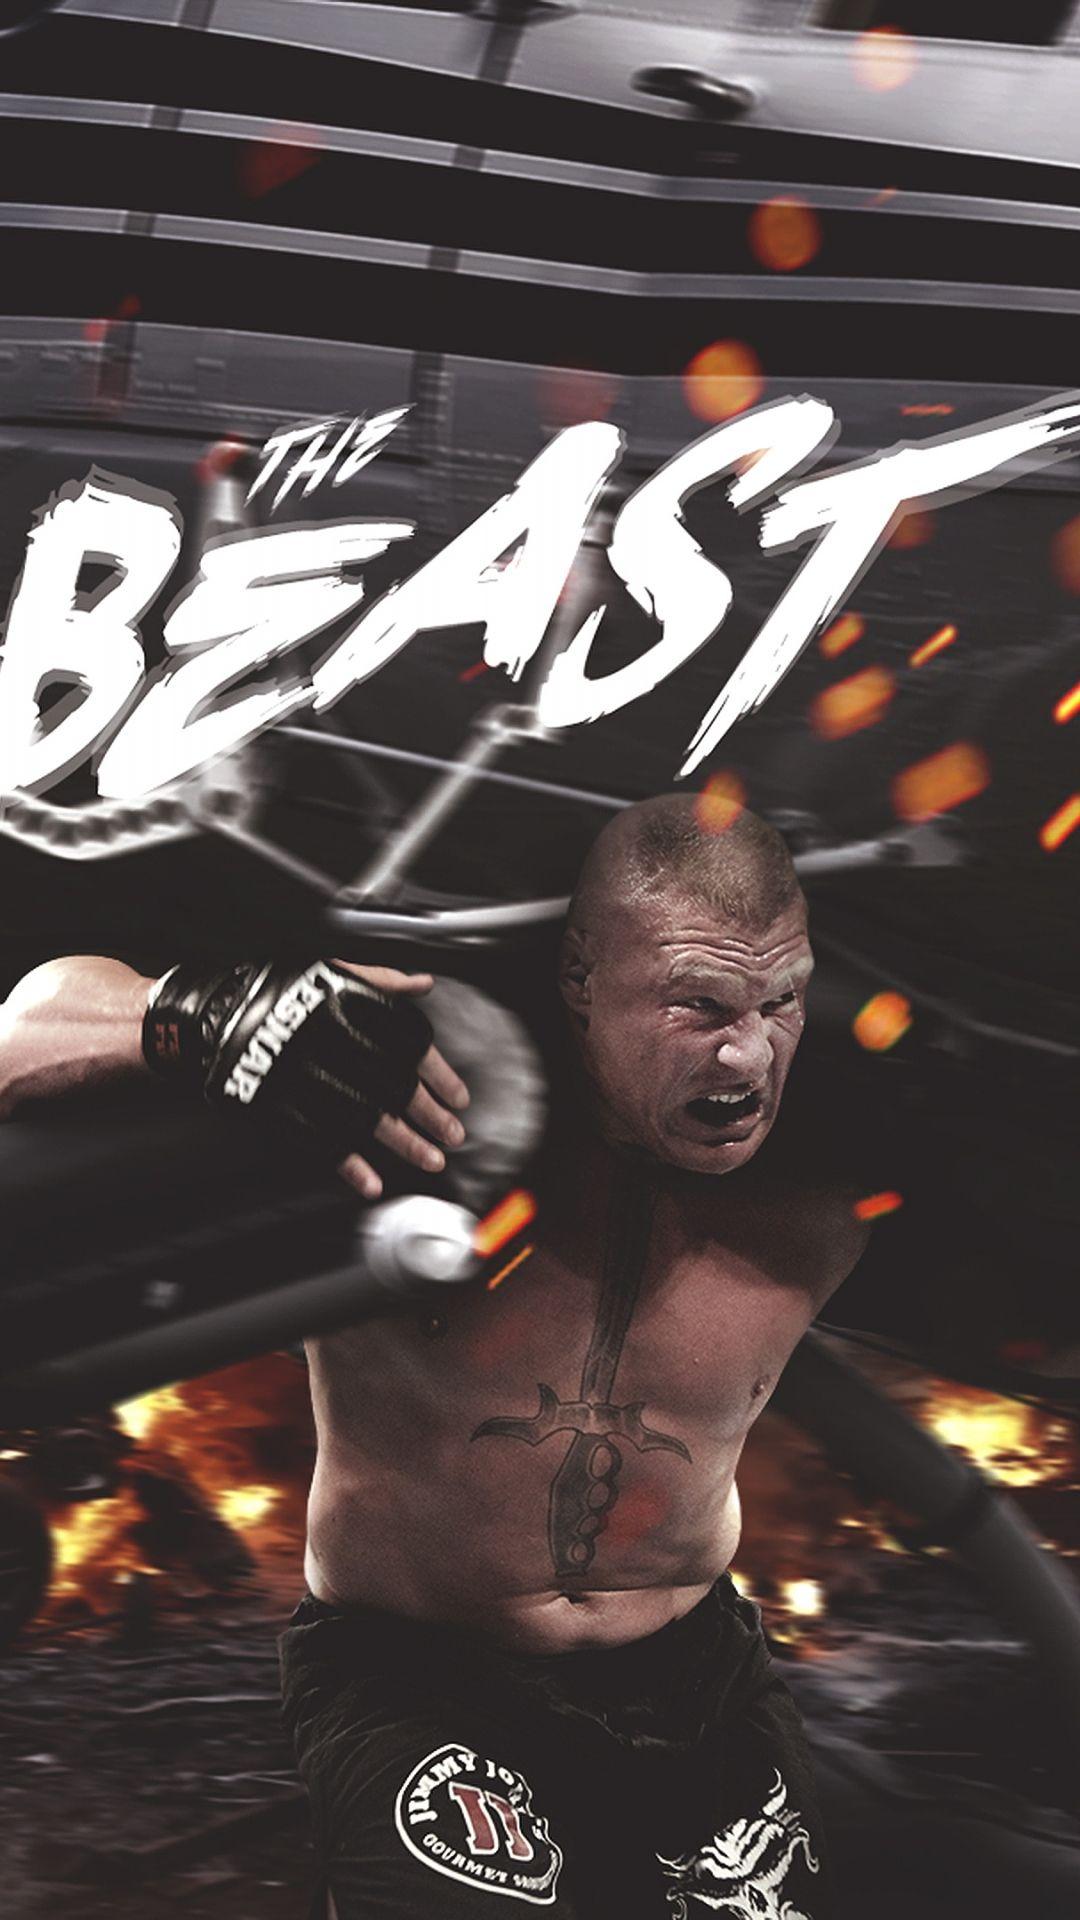 Brock Lesnar Wwe Wallpaper Android Download > Flip